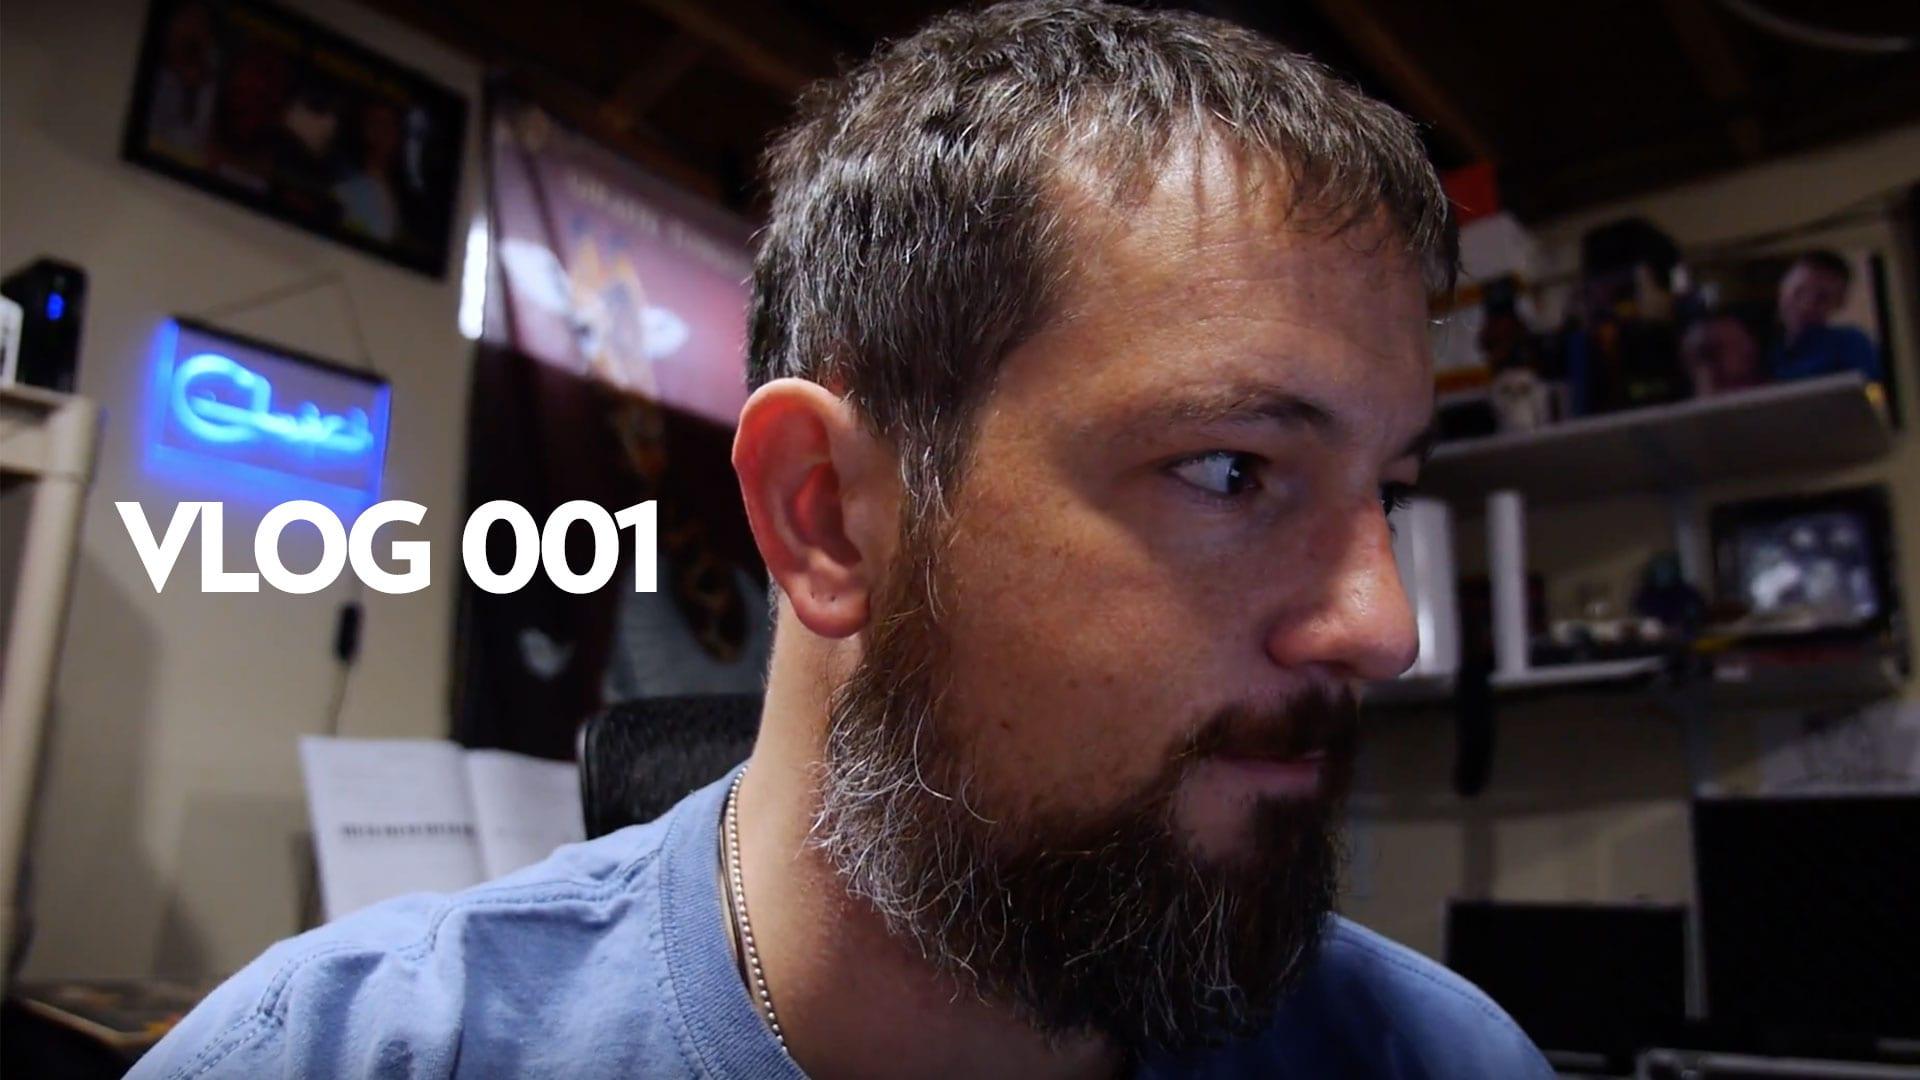 Vlog 001: My Full-Time Freelance Journey Begins